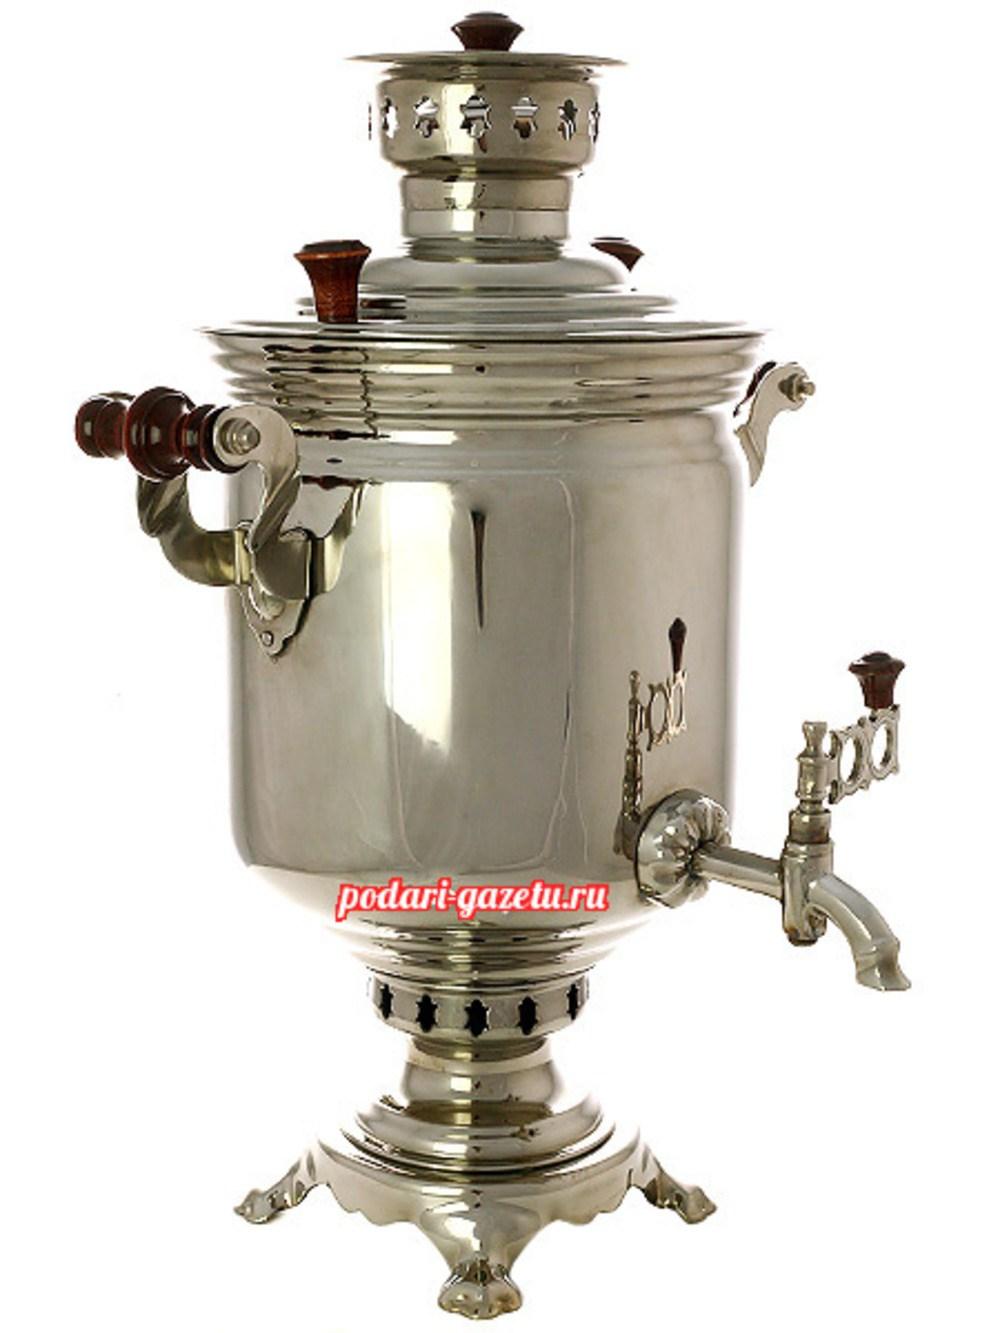 Комбинированный самовар (электрический/угольный) на 7 литров, никелированный цилиндр